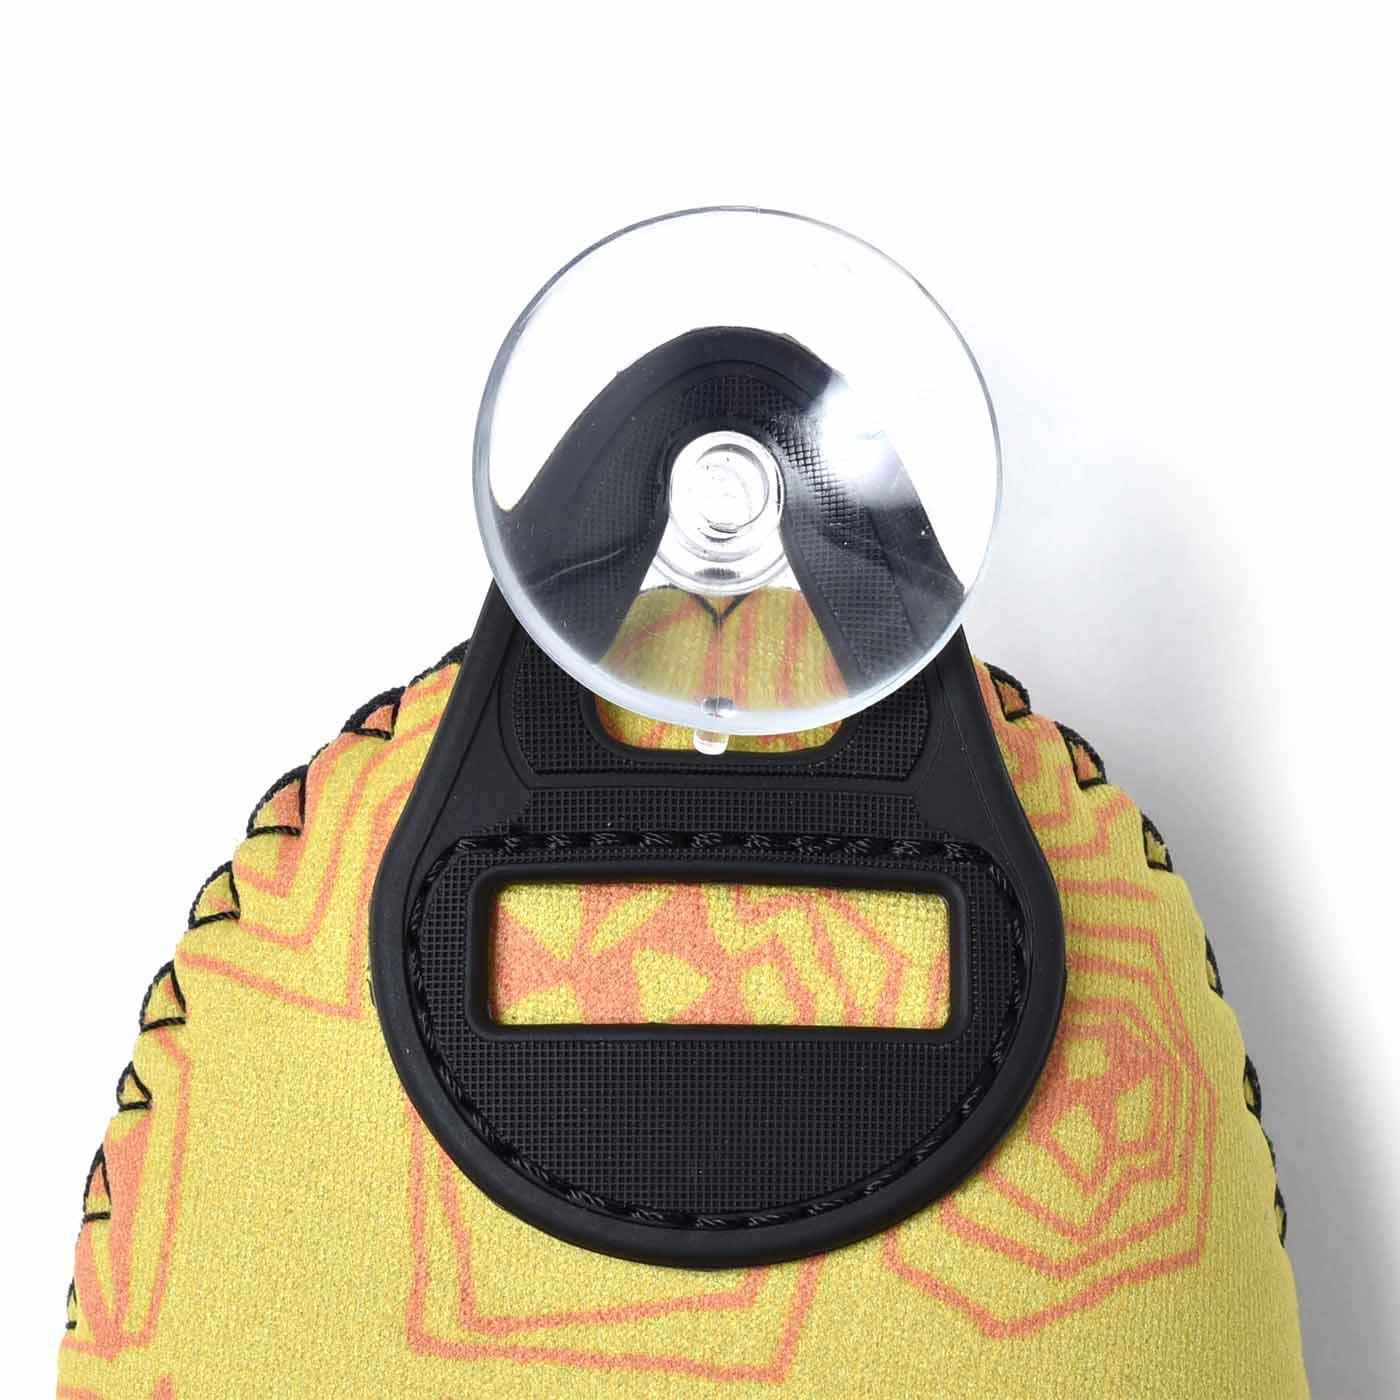 デスク周りやロッカーなどには、セットの吸盤でピッタリ取り付け。